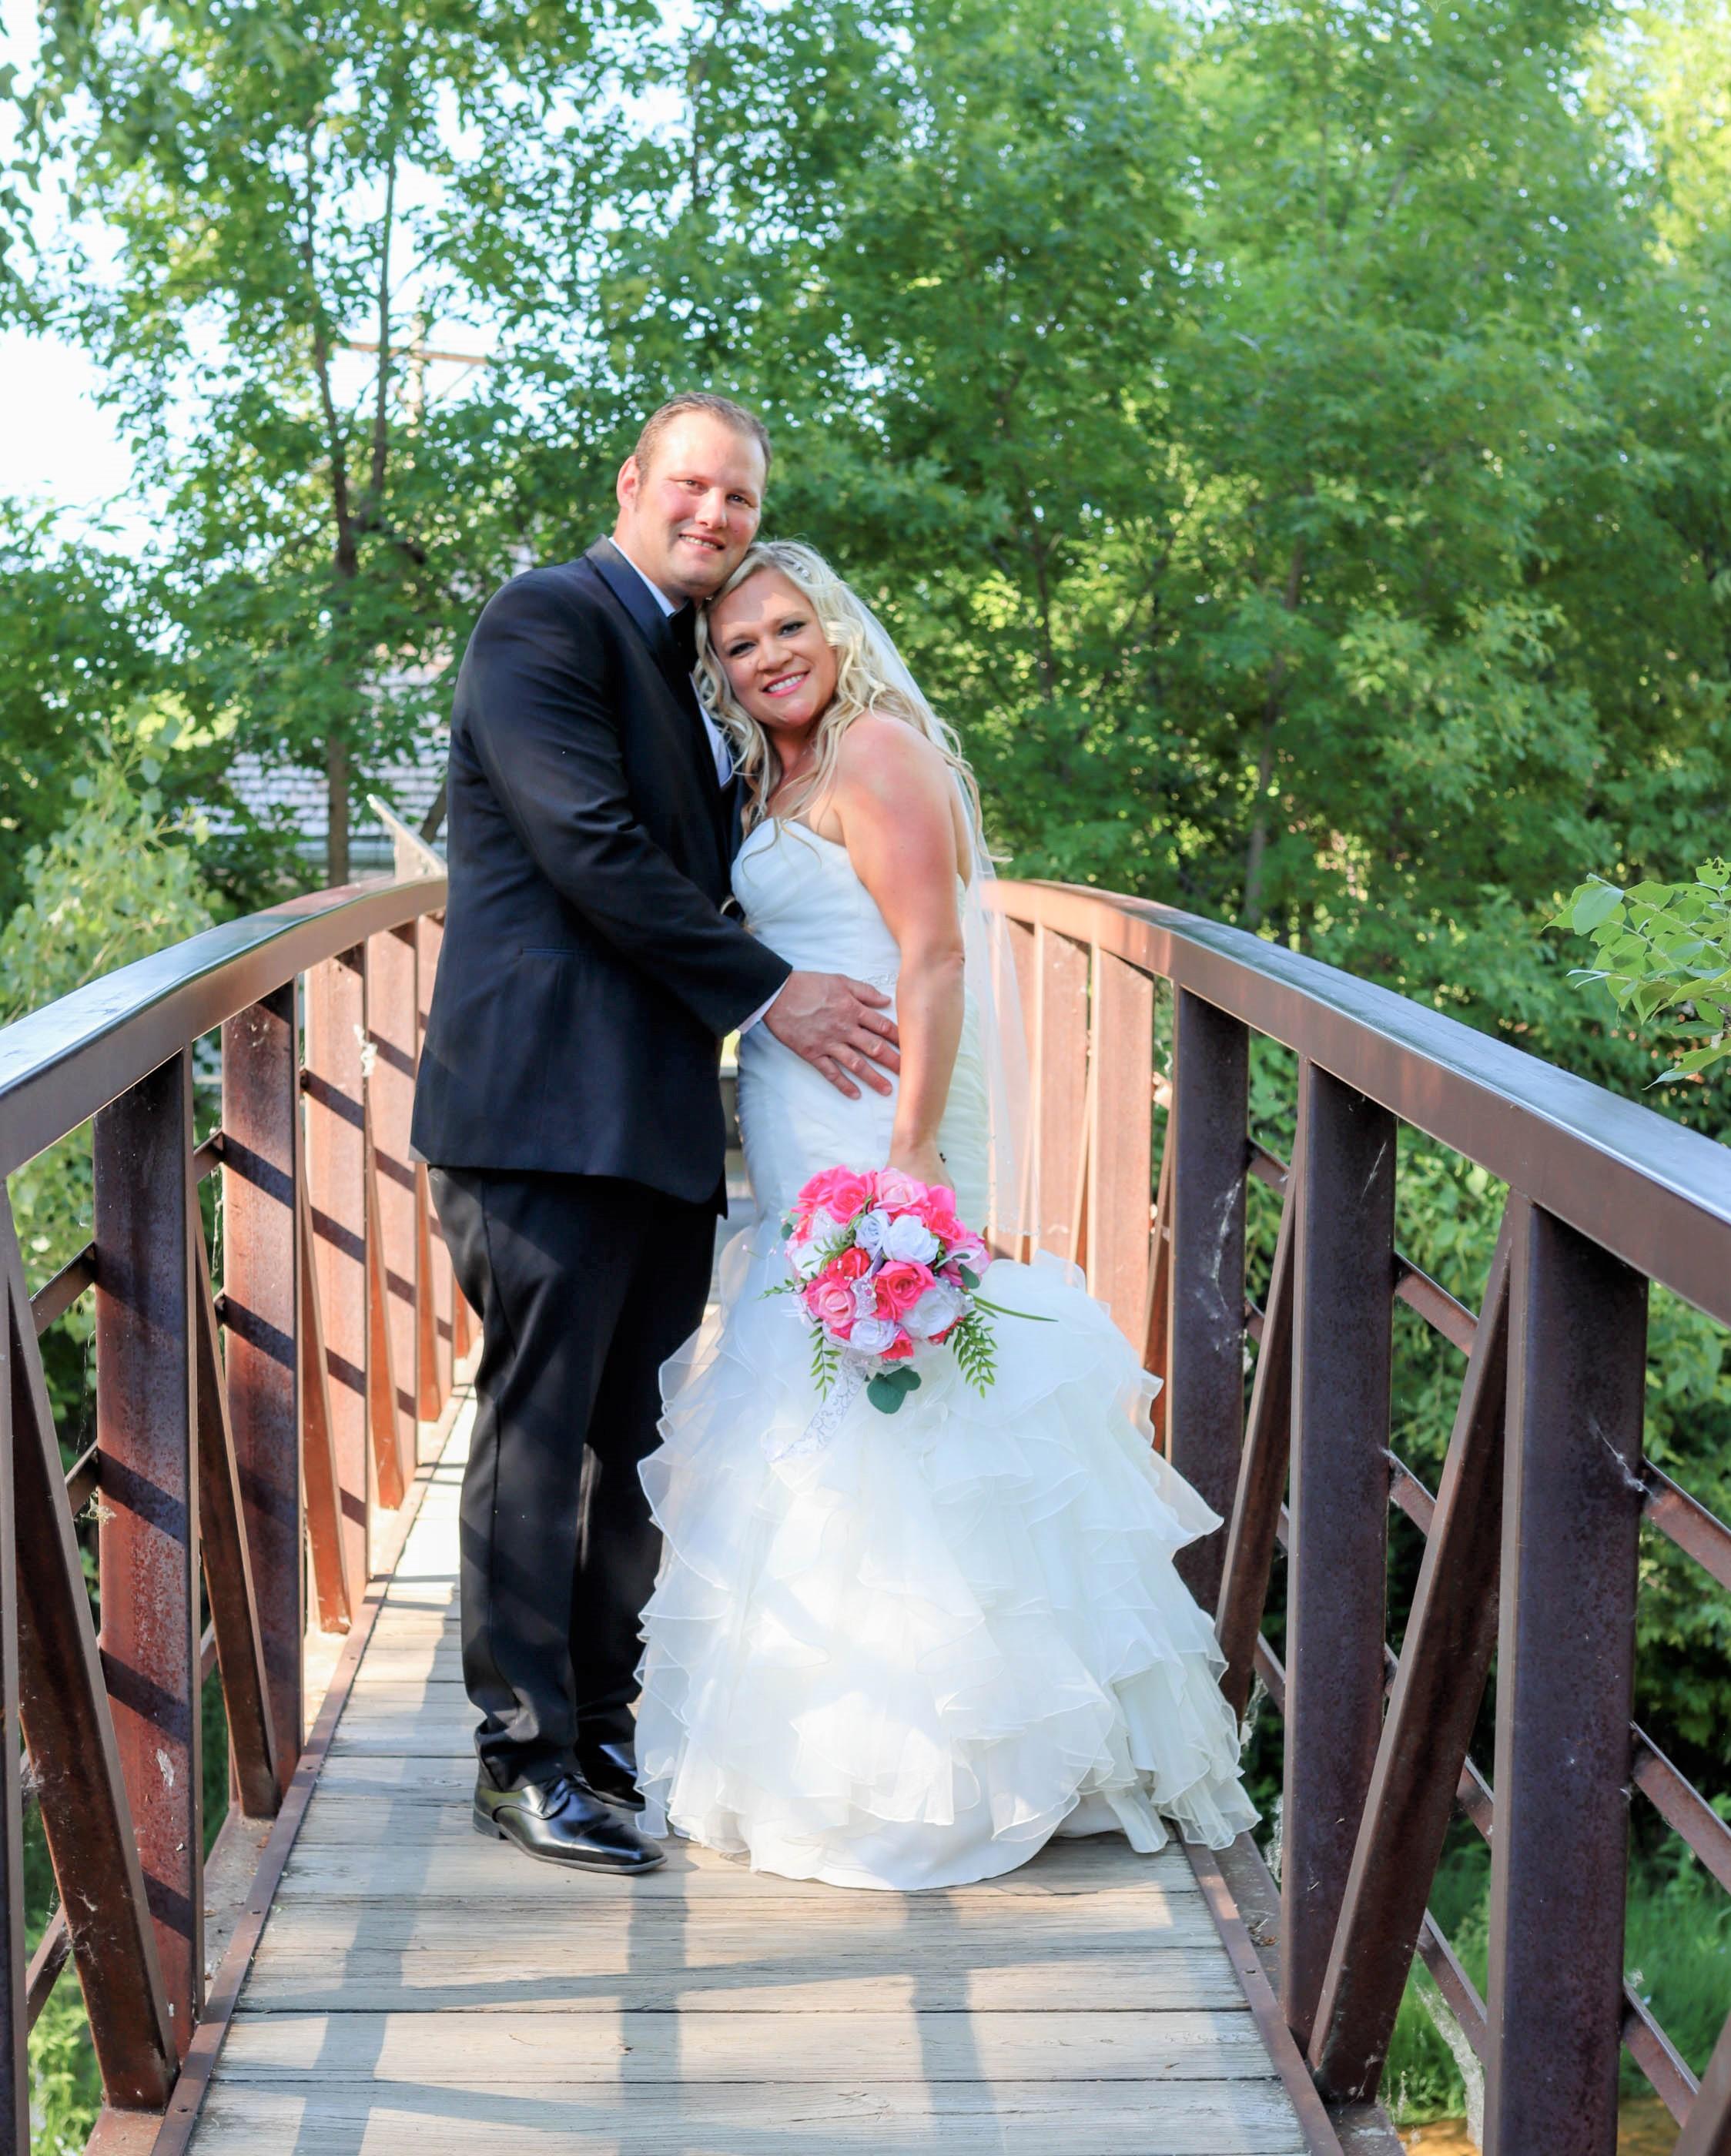 JENNIFER and MATTHEW MAUER Wedding Photo